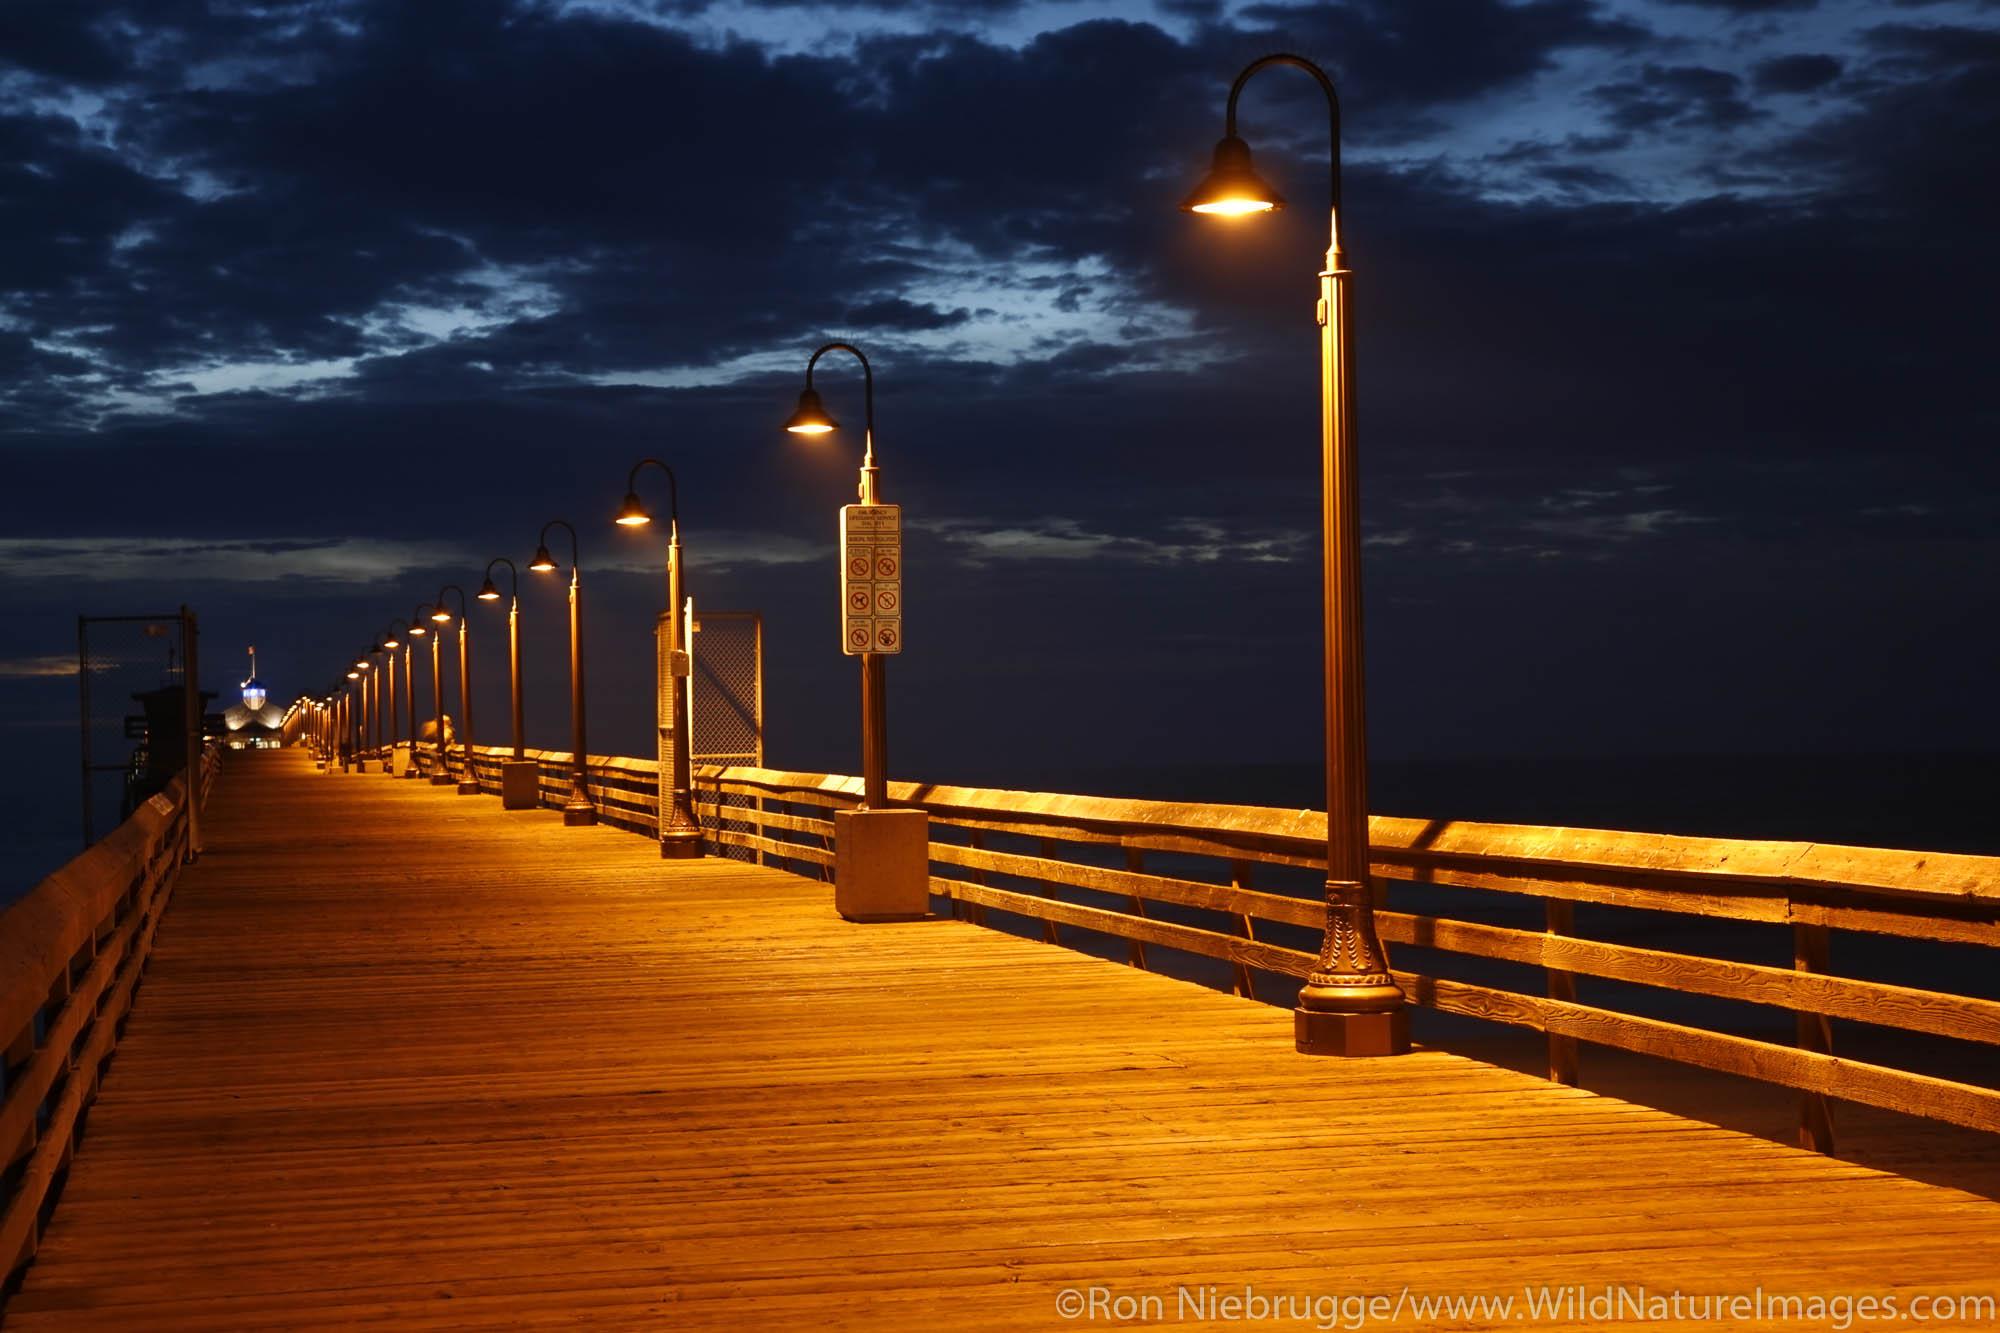 Imperial Beach Municipal Pier, San Diego County, California.